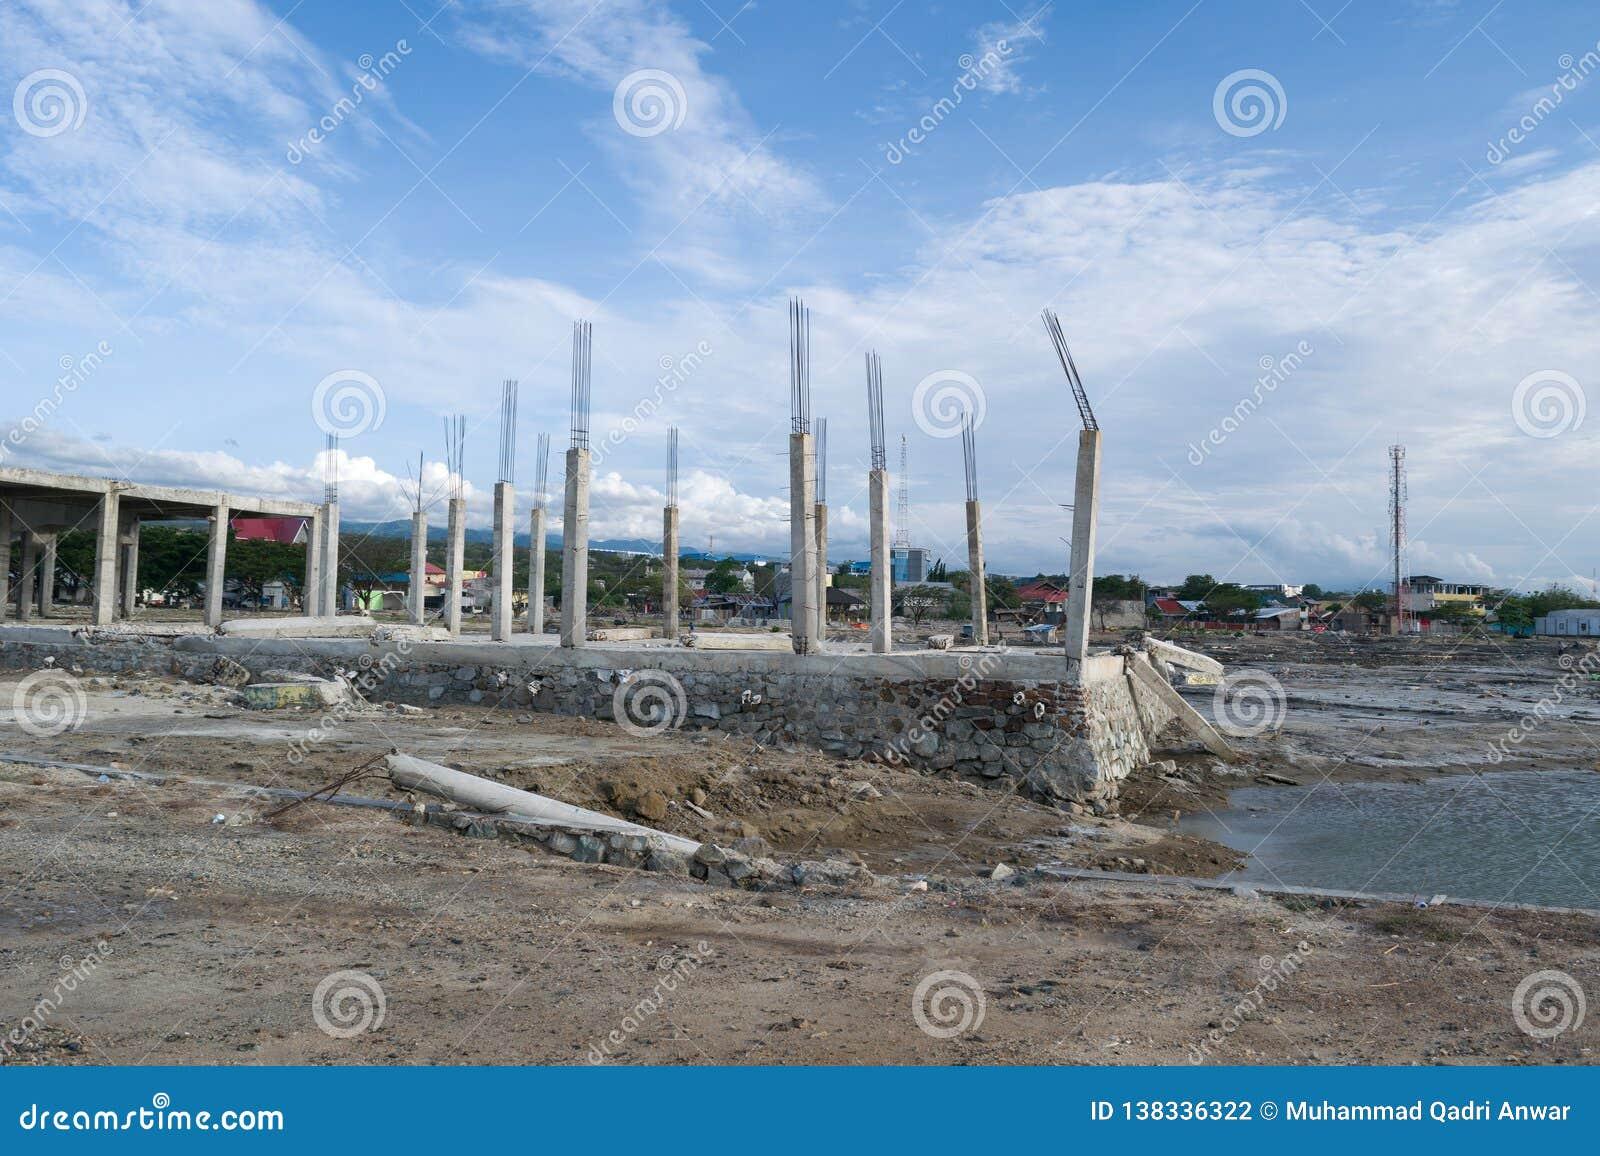 Le bâtiment effondré est parti plus d après tsunami à Palu, Indonésie